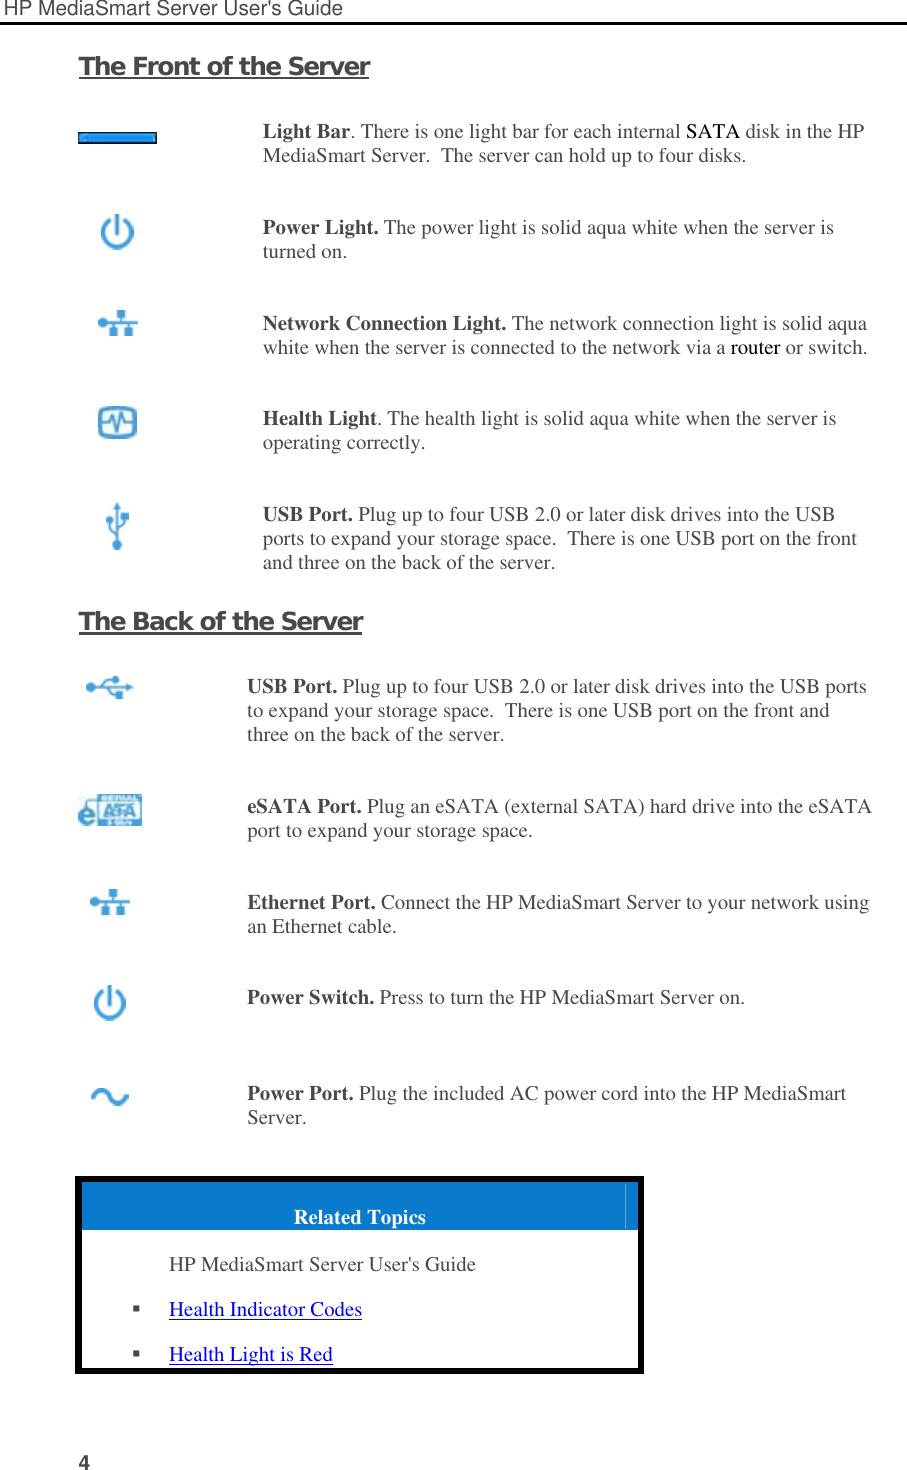 Hp Ex490 Mediasmart Server Users Manual User's Guide_EN